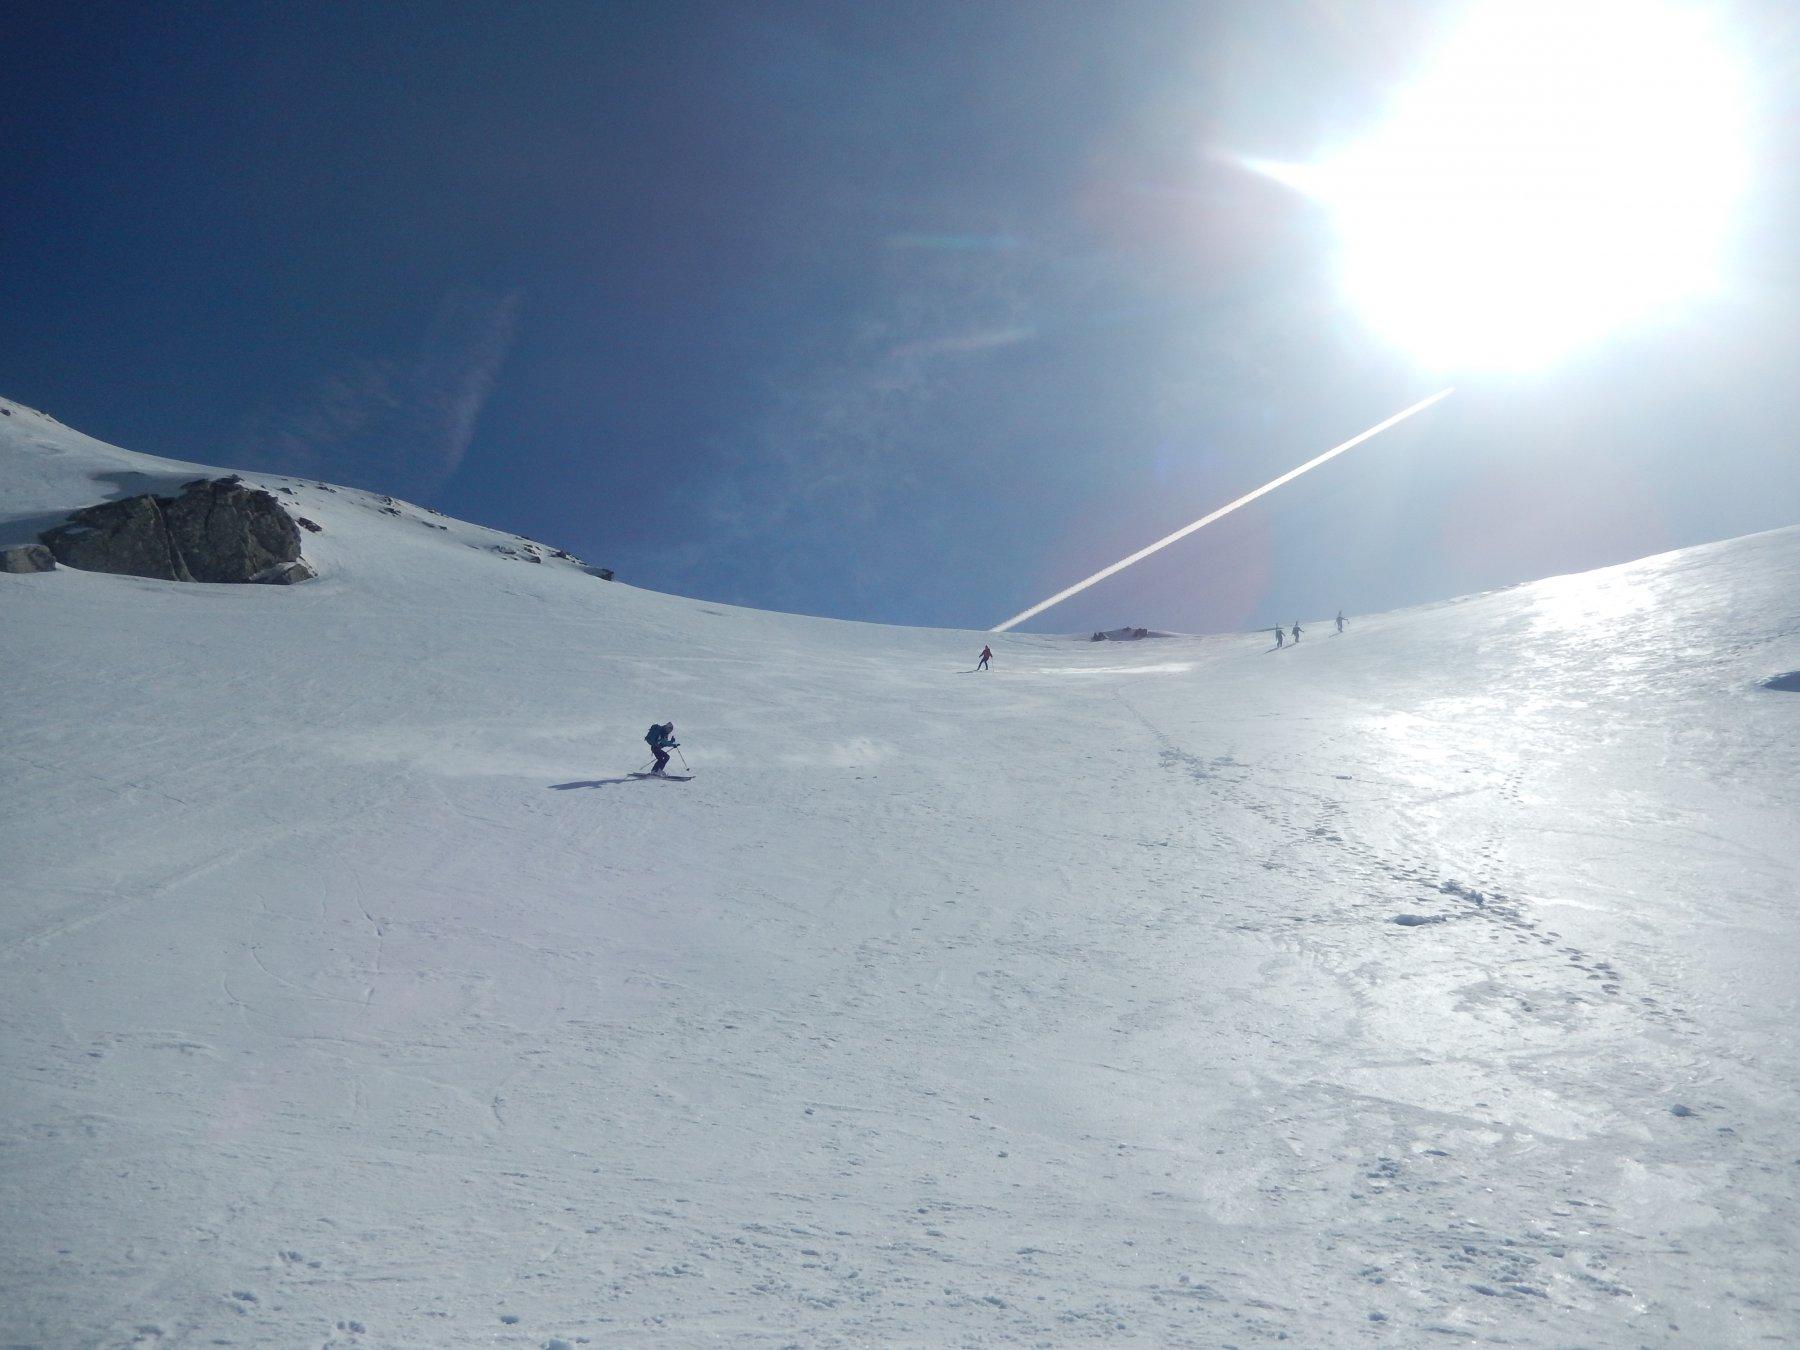 La splendida sciata